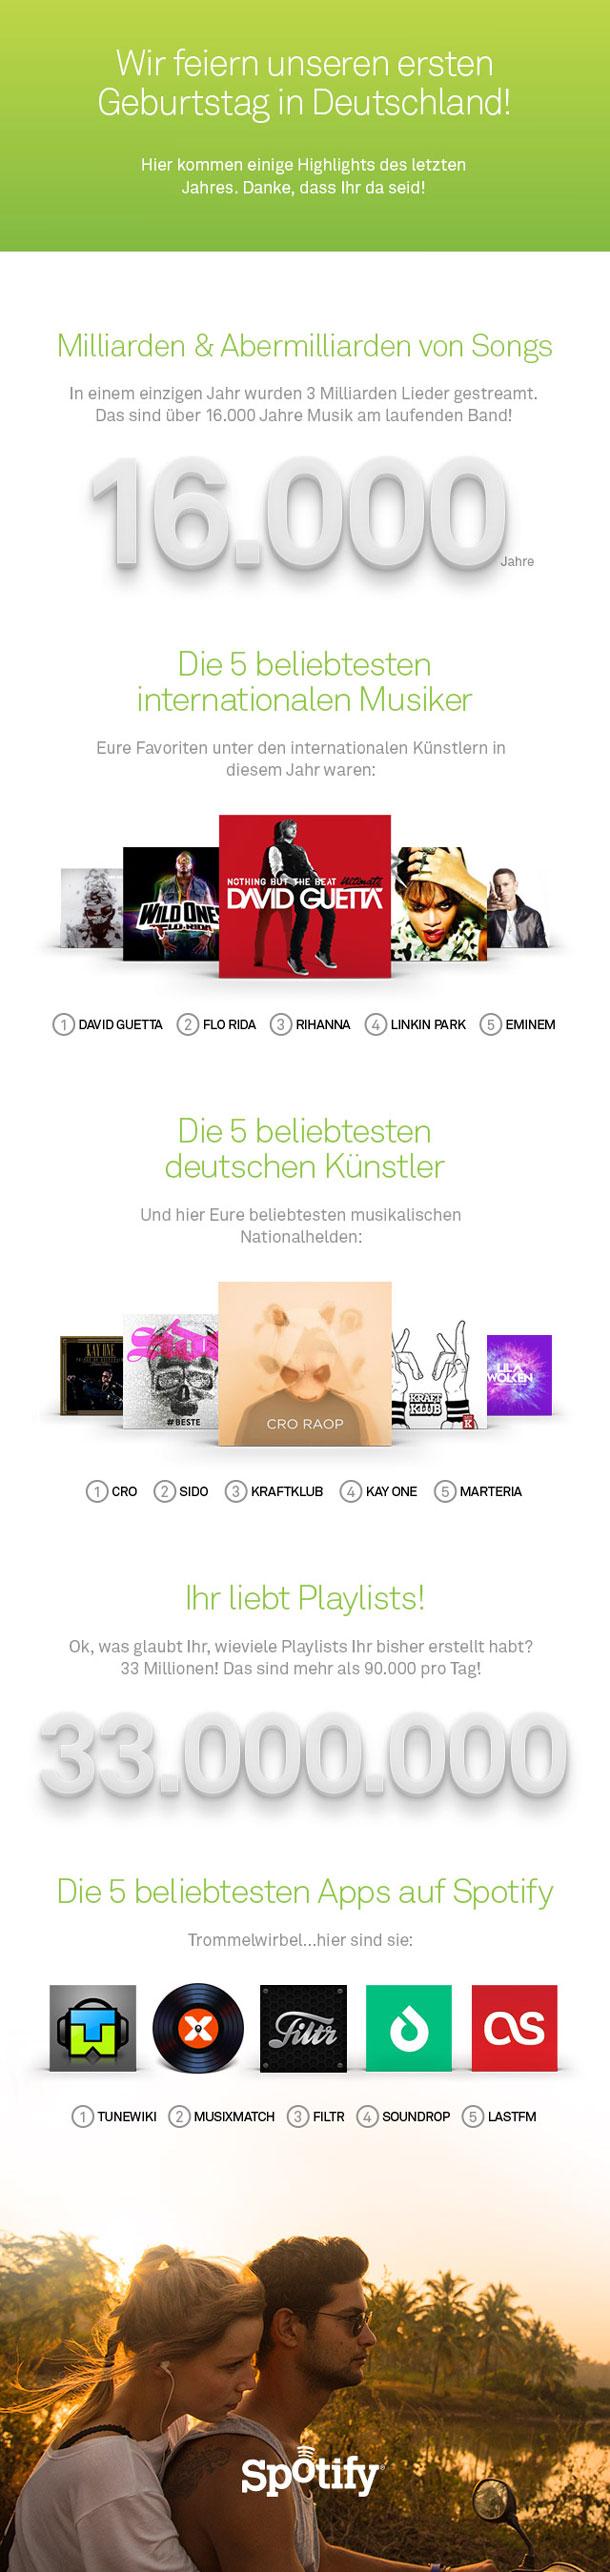 Infografik zu einem Jahr Spotify in Deutschland